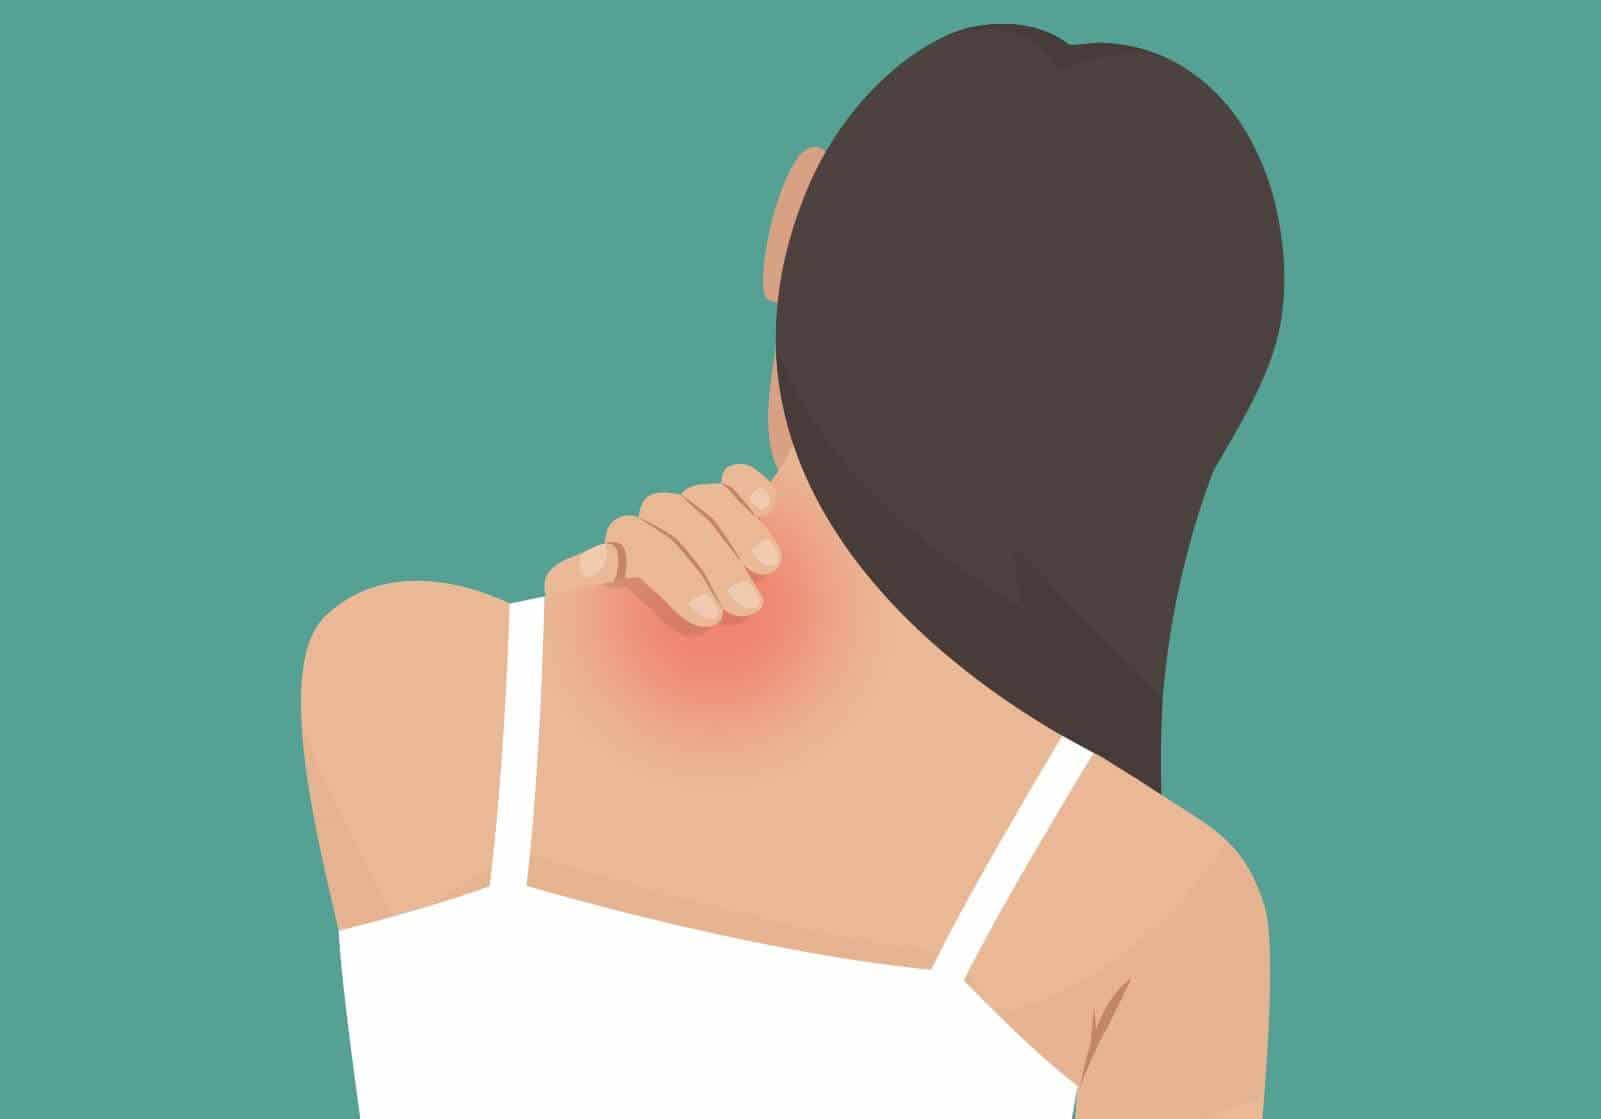 Nackenschmerzen nach Schlafen: Sie werden üblicherweise durch längeres Verharren in einer ungünstigen Position hervorgerufen.